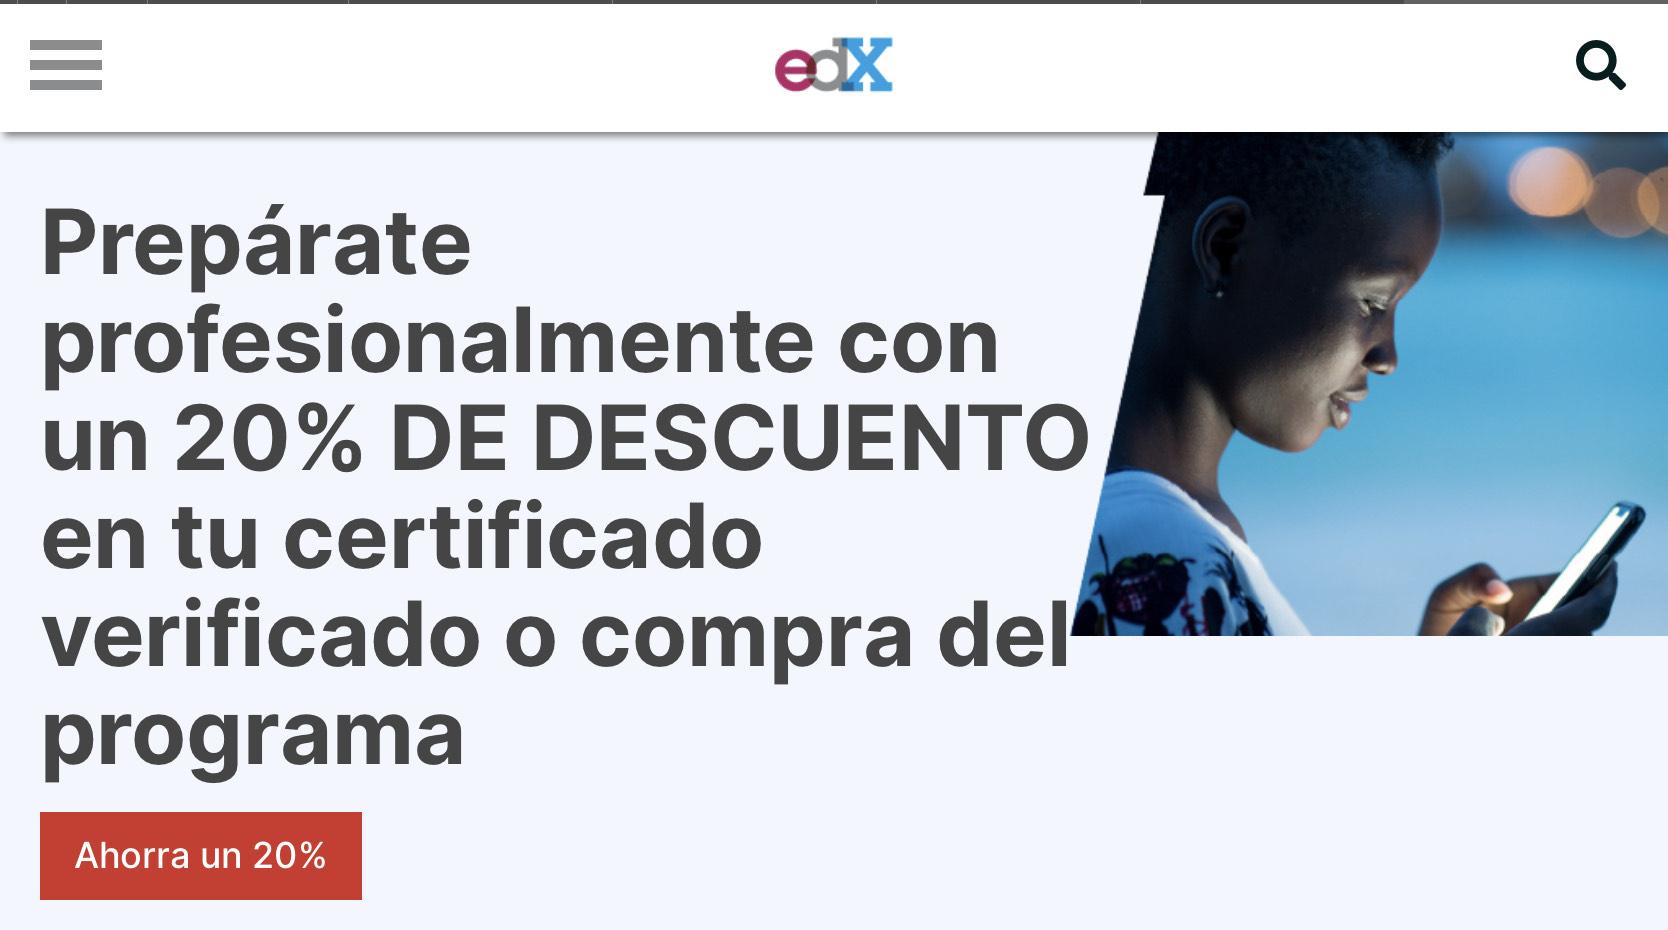 edX Descuento de 20% en certificados de Cursos y Programas